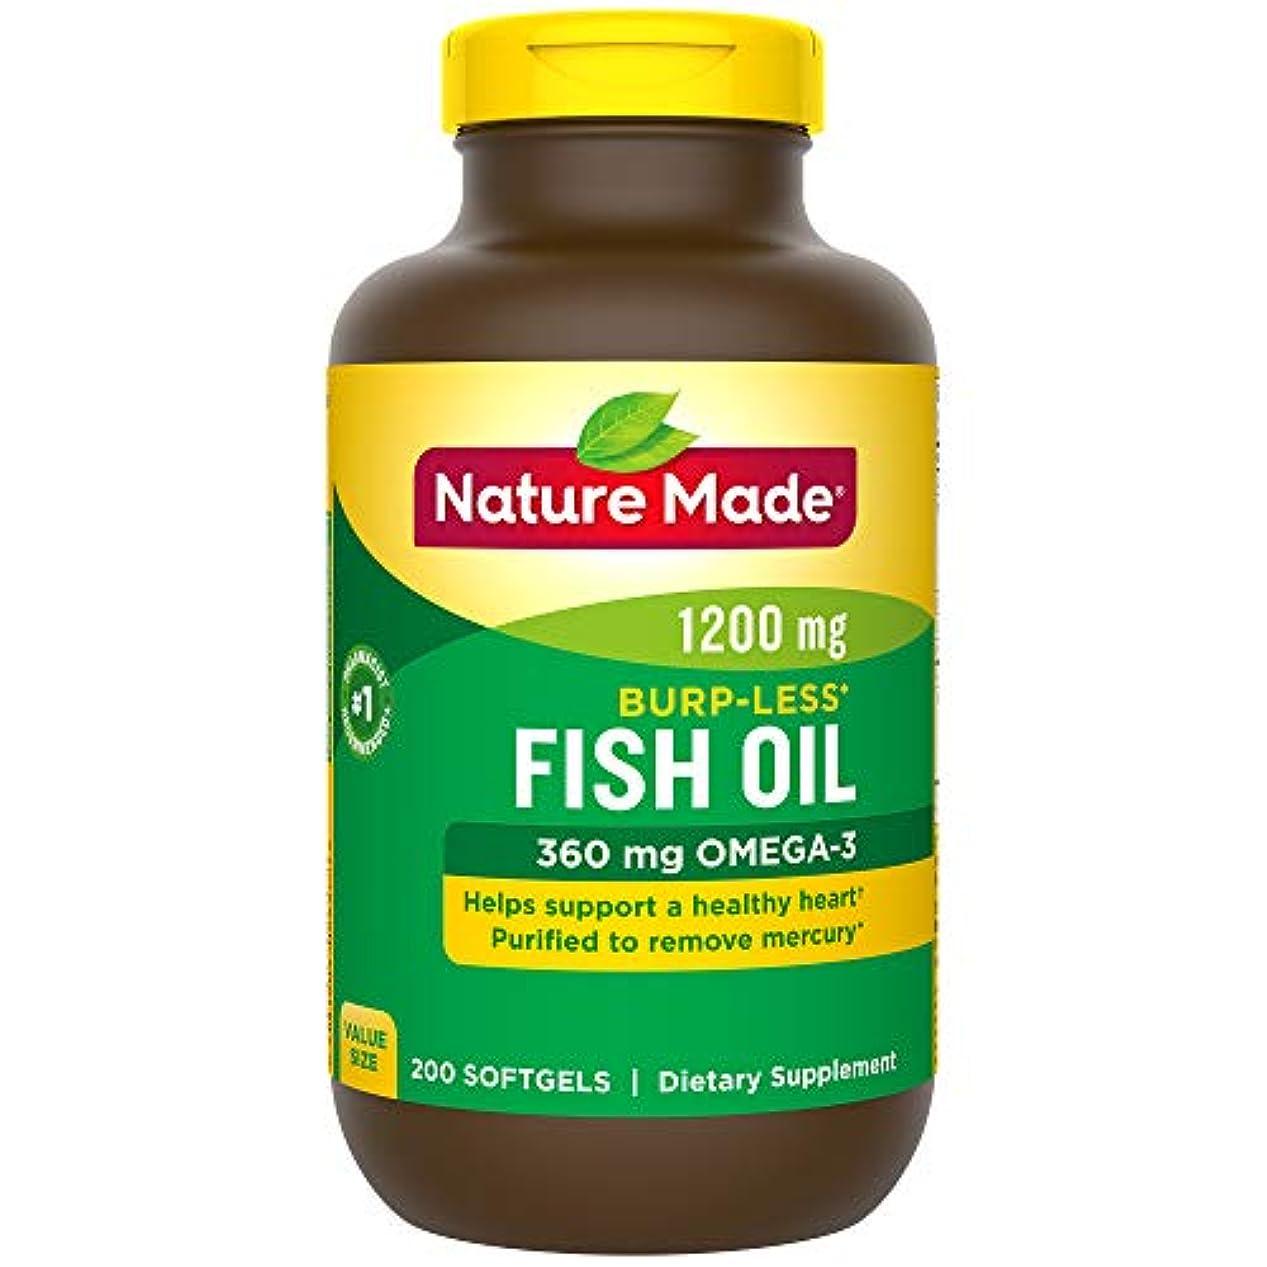 謎コントローラ綺麗なNature Made Fish Oil 1200 Mg Burp-less, Value Size, 200-Count 海外直送品